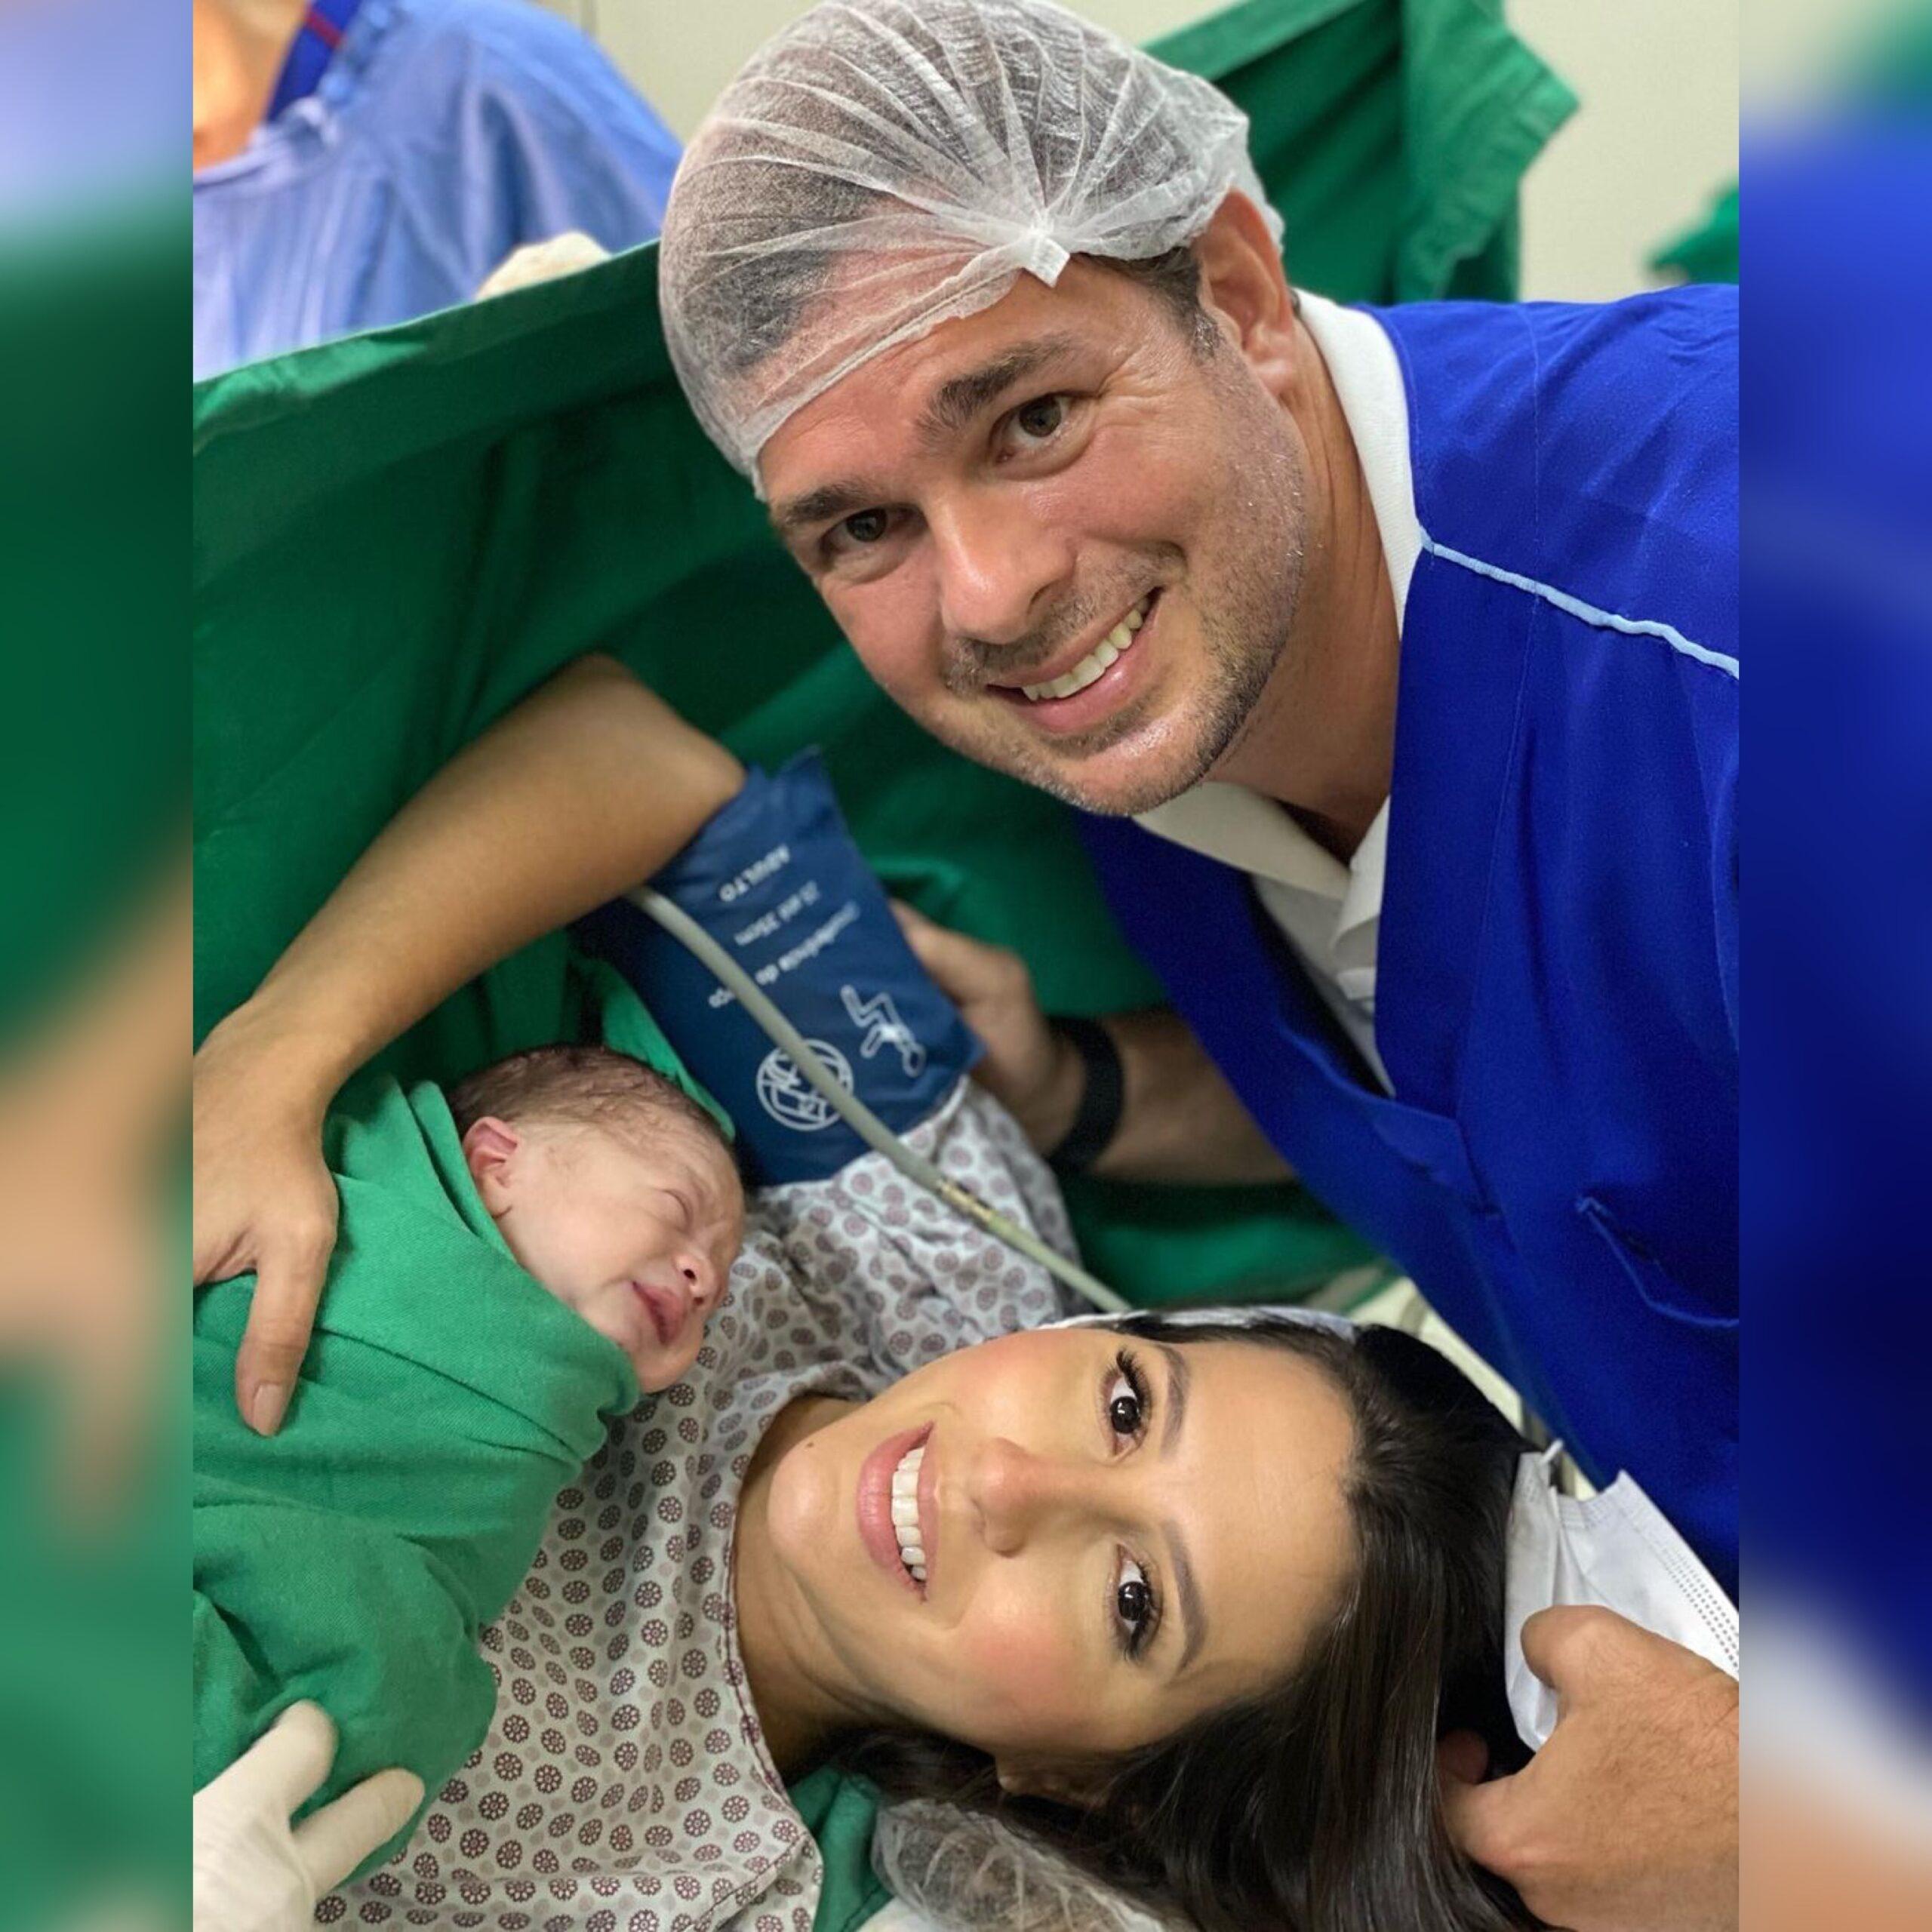 Tayra Romcy e Leonardo Aguiar celebraram o nascimento de Heitor (Foto: Arquivo pessoal)